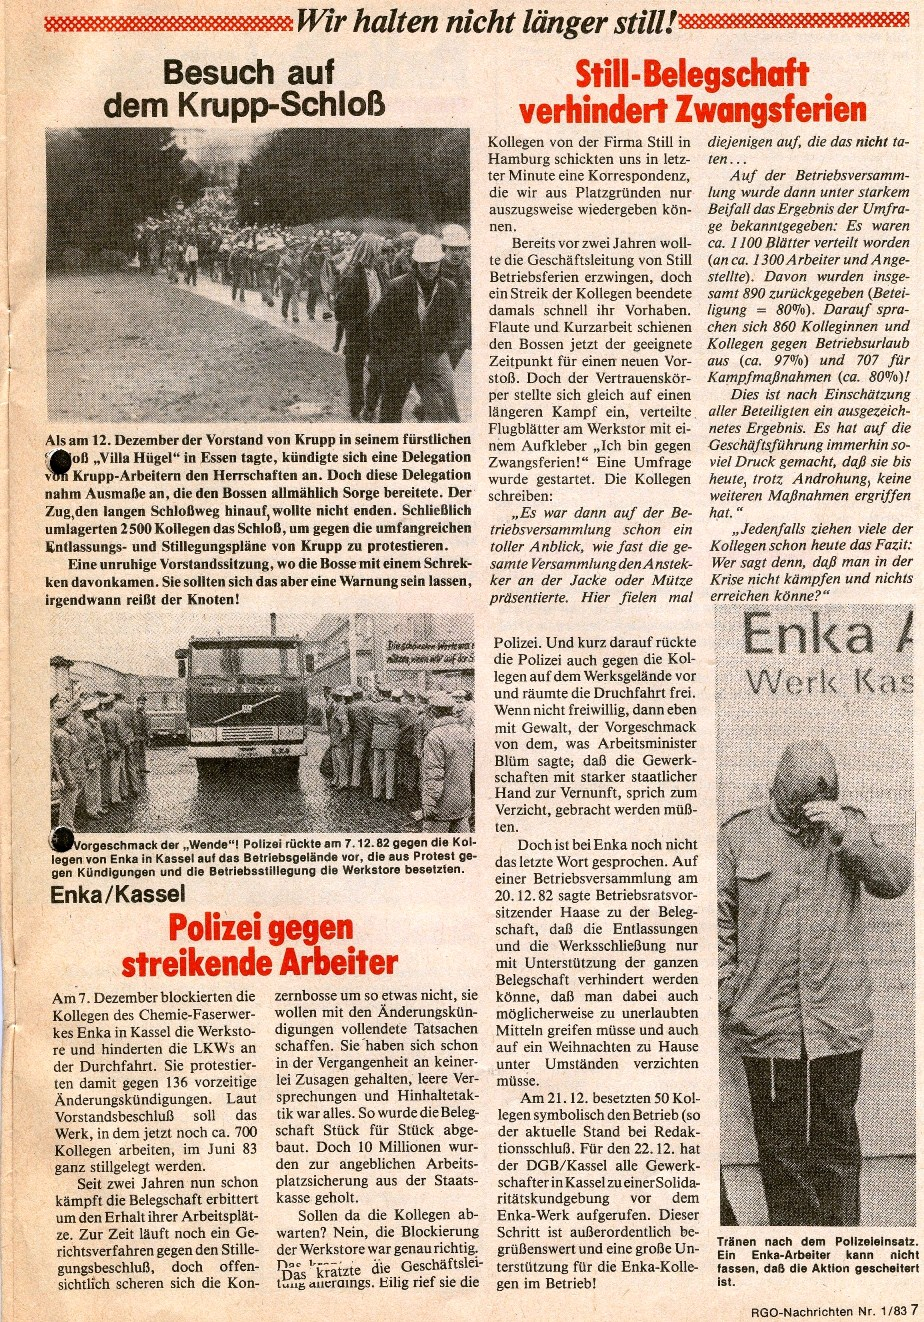 RGO_RGO_Nachrichten_1983_01_07